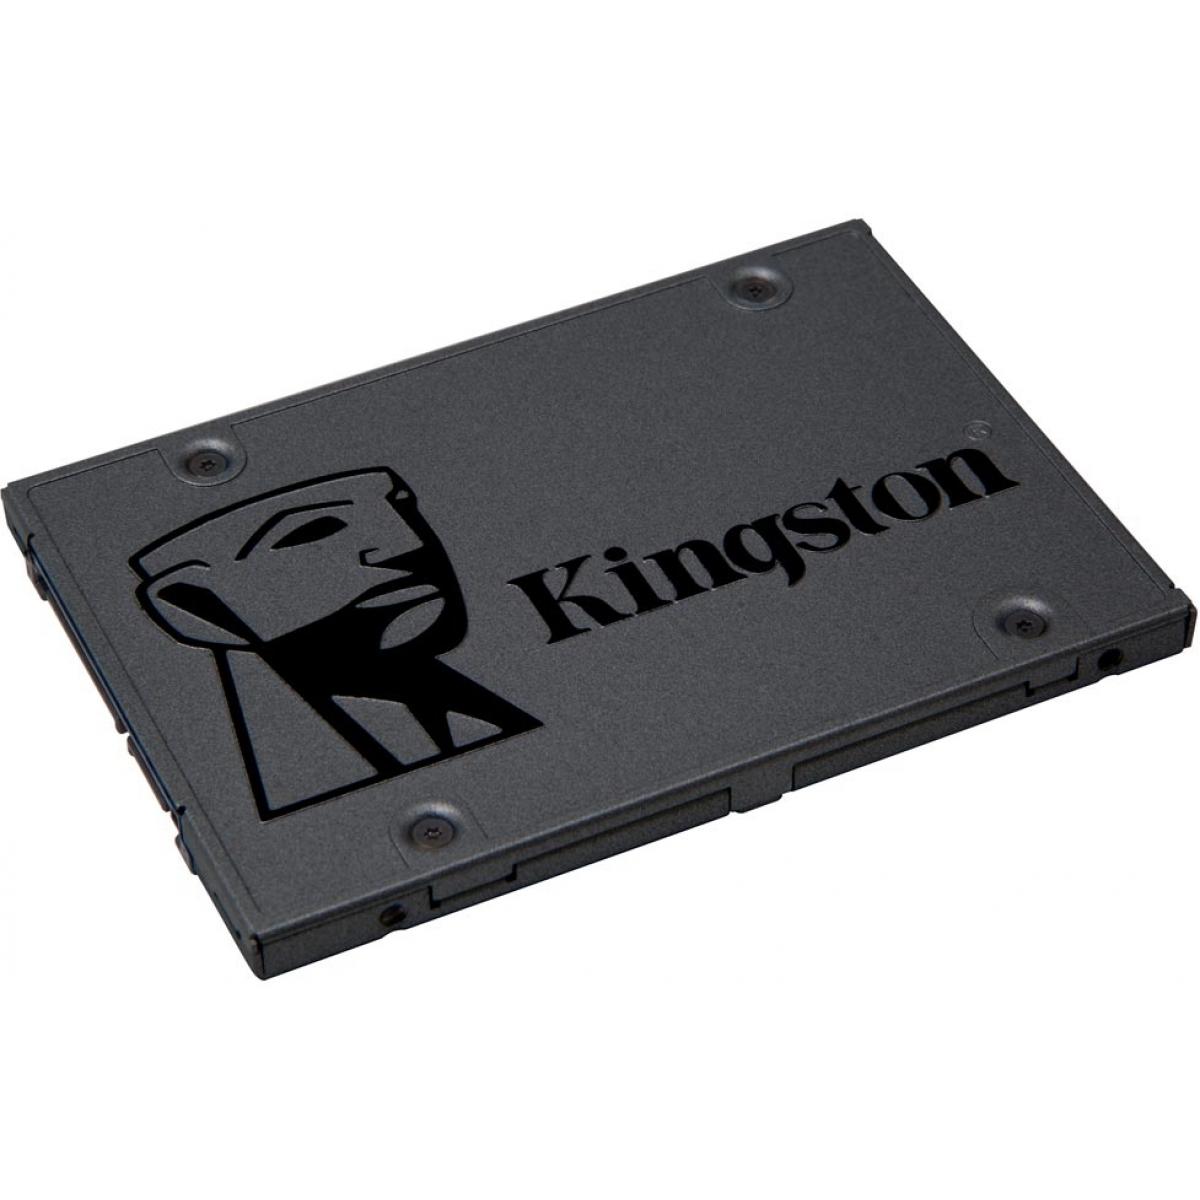 SSD Kingston A400, 960GB, Sata III, Leitura 500MBs e Gravação 450MBs, SA400S37-960G